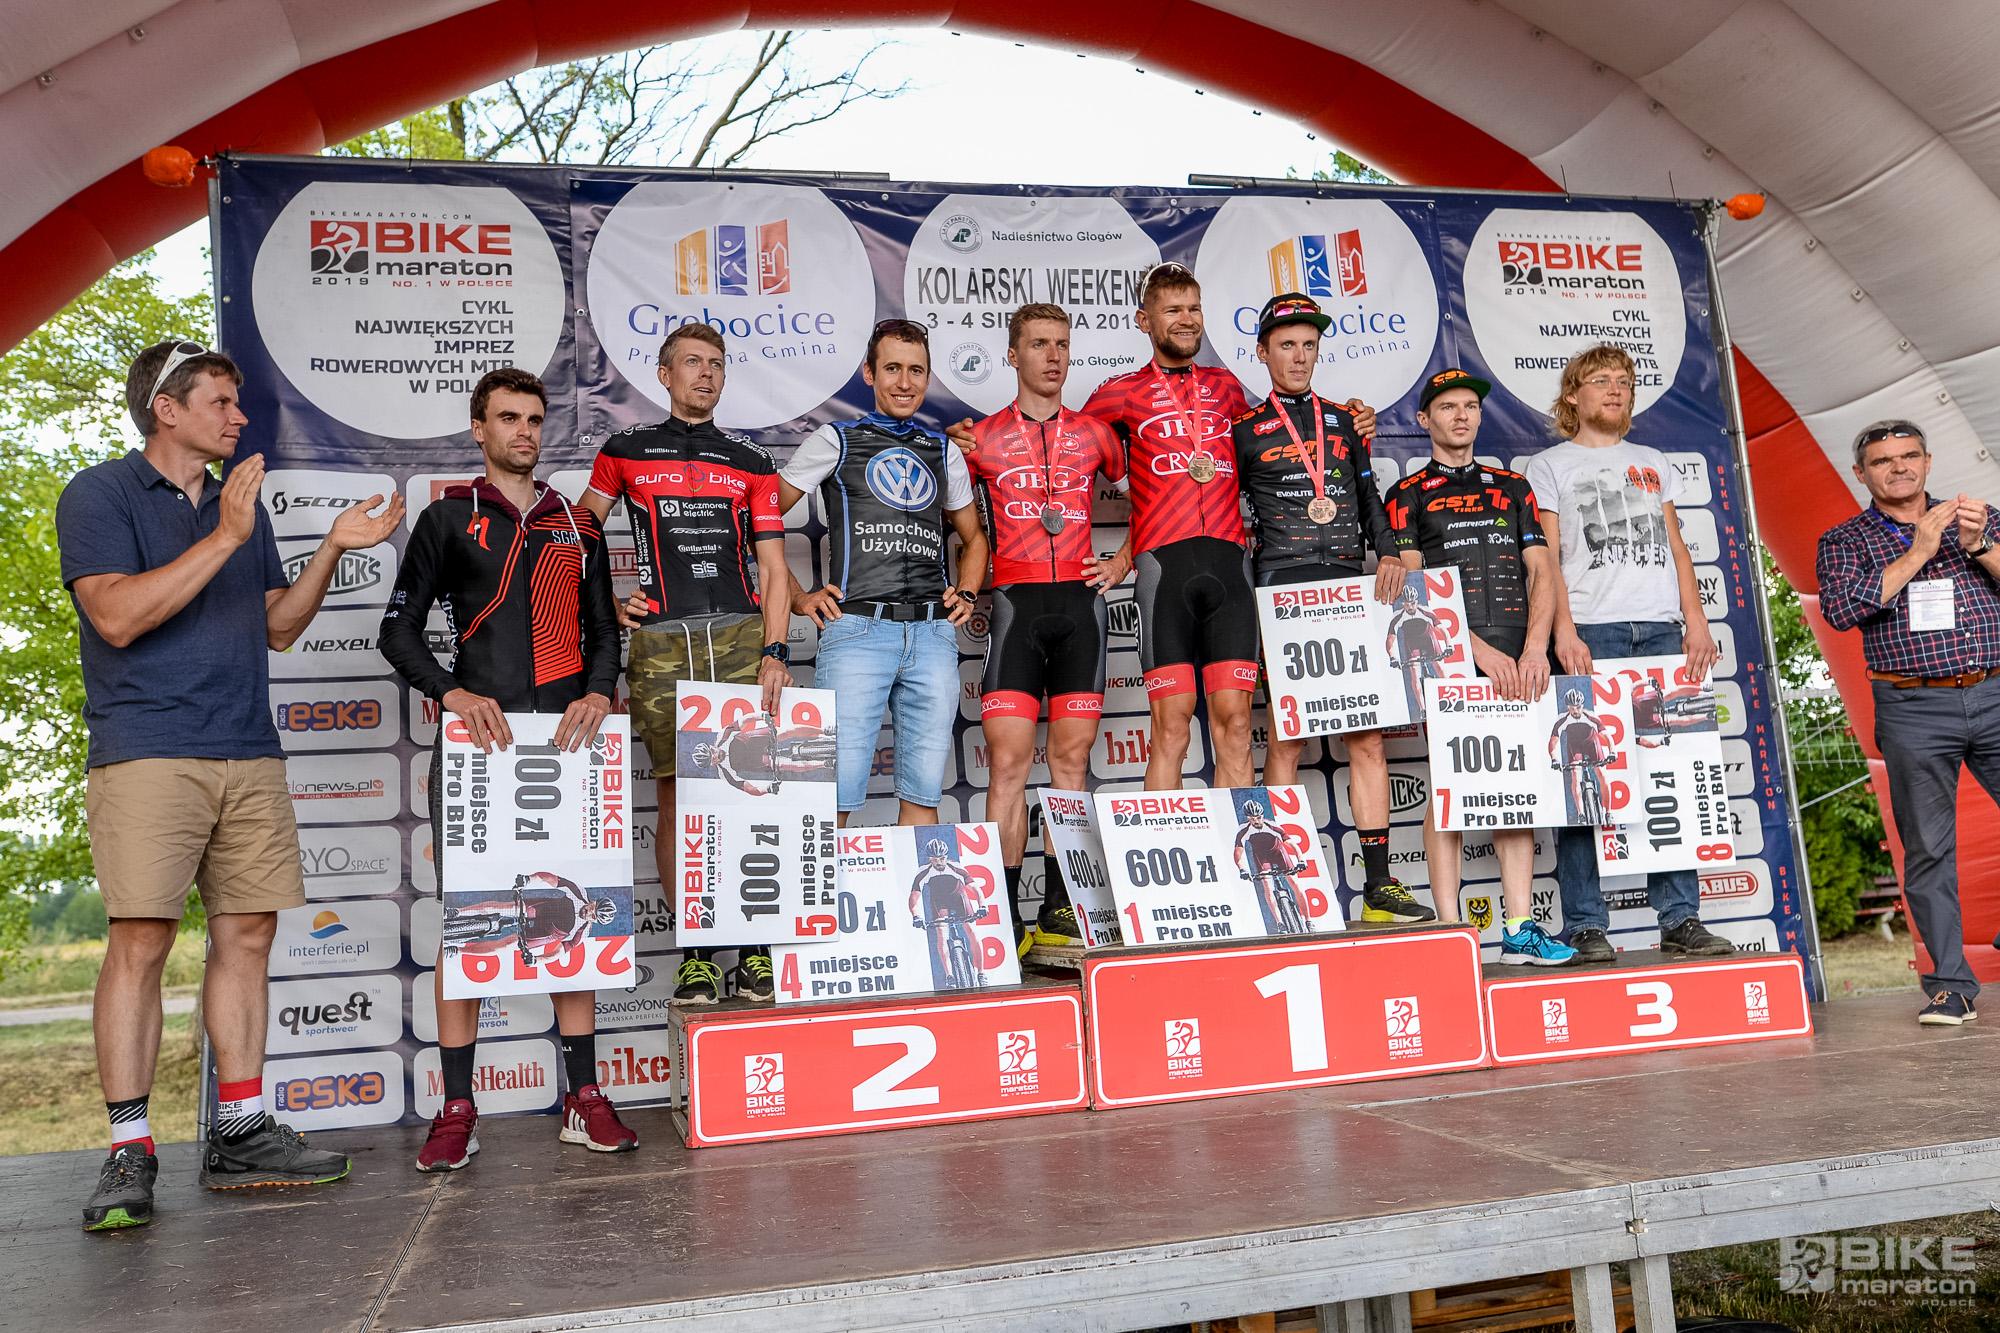 Kolarski Weekend za nami – Wojciech Halejak wygrywa Bike Maraton w Obiszowie